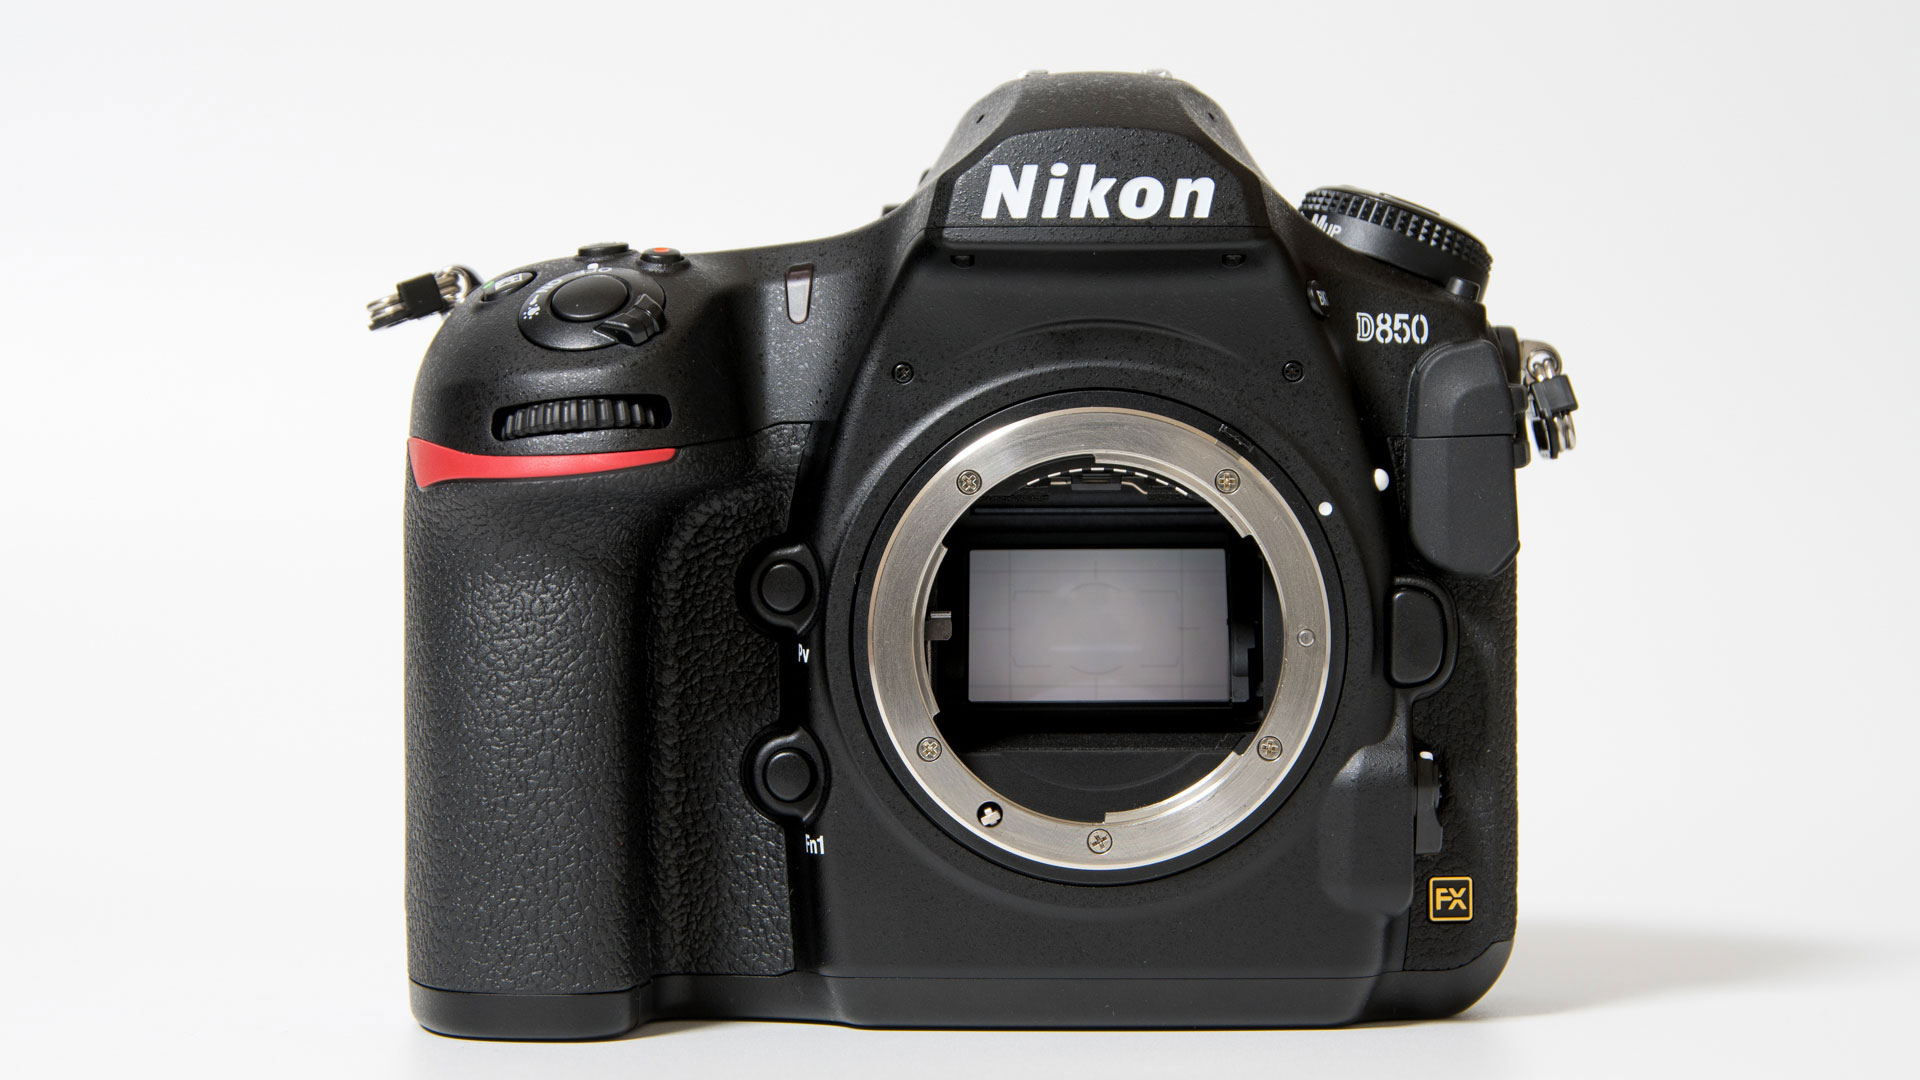 デジタル一眼レフのショット数(レリーズ数、シャッター回数、撮影枚数)を調べる方法